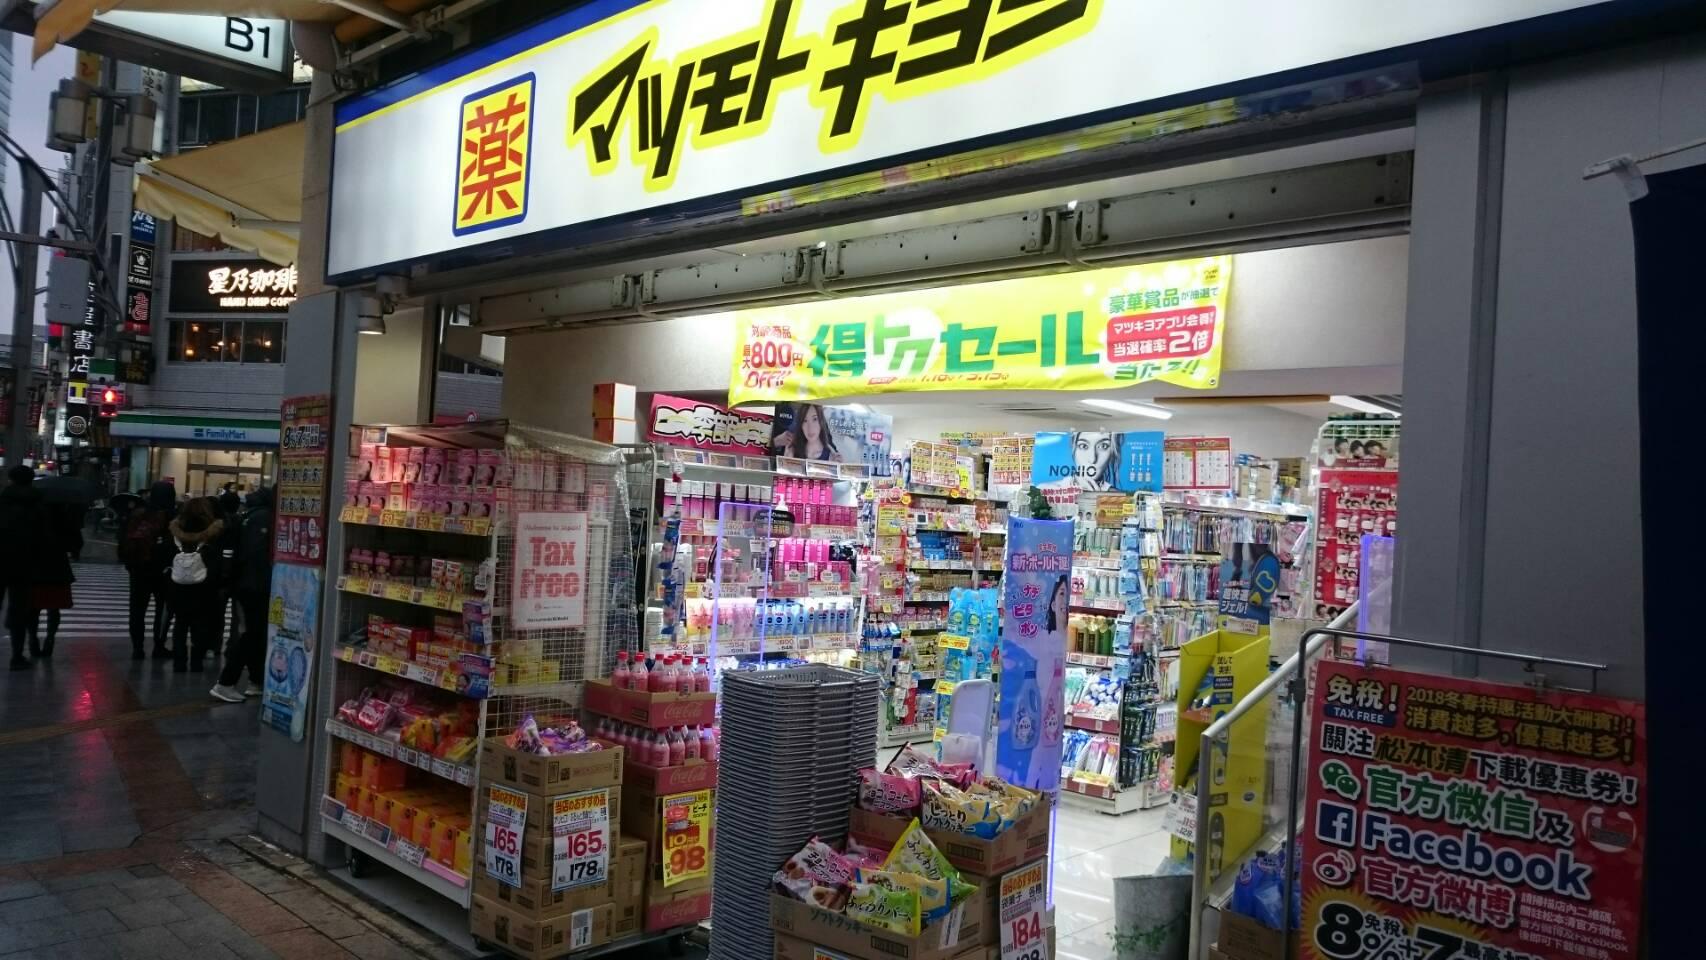 マツモトキヨシ 上野アメ横Part2店